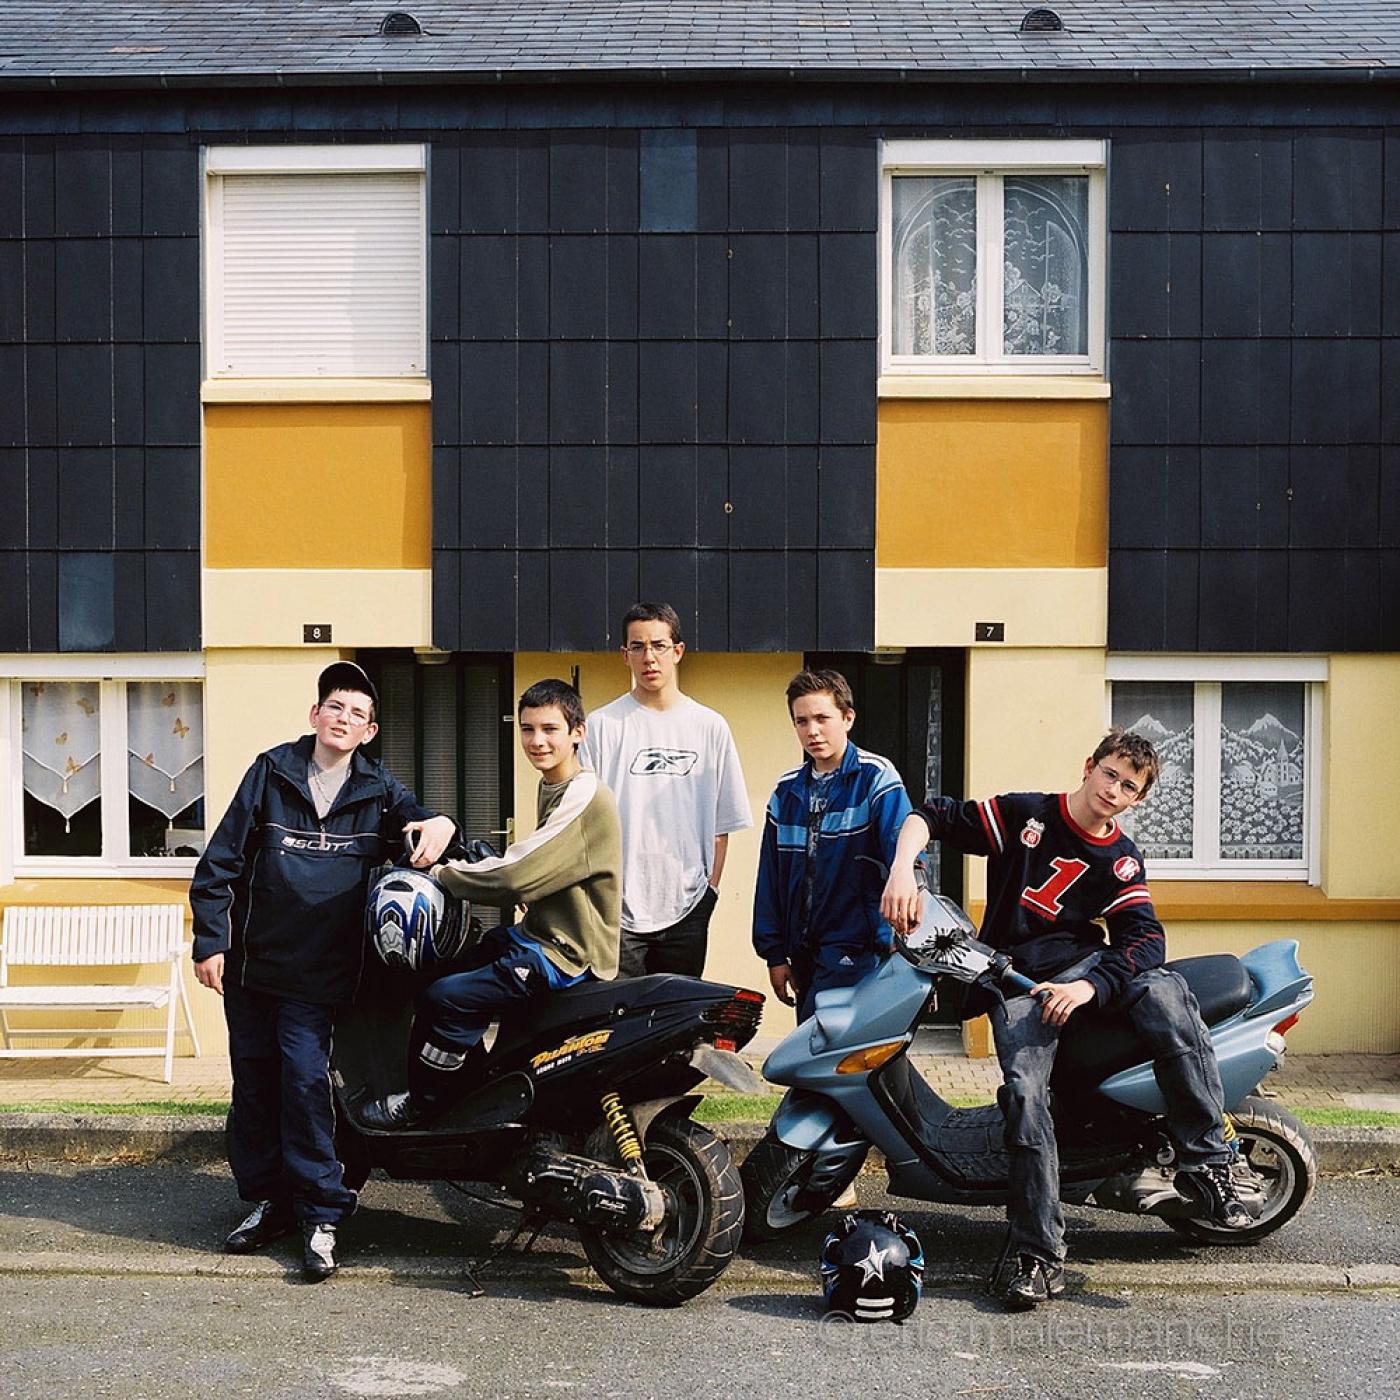 http://www.ericmalemanche.com/imagess/topics/les-bretons-de-l-argoat/liste/Bretons-Malemanche-019.jpg